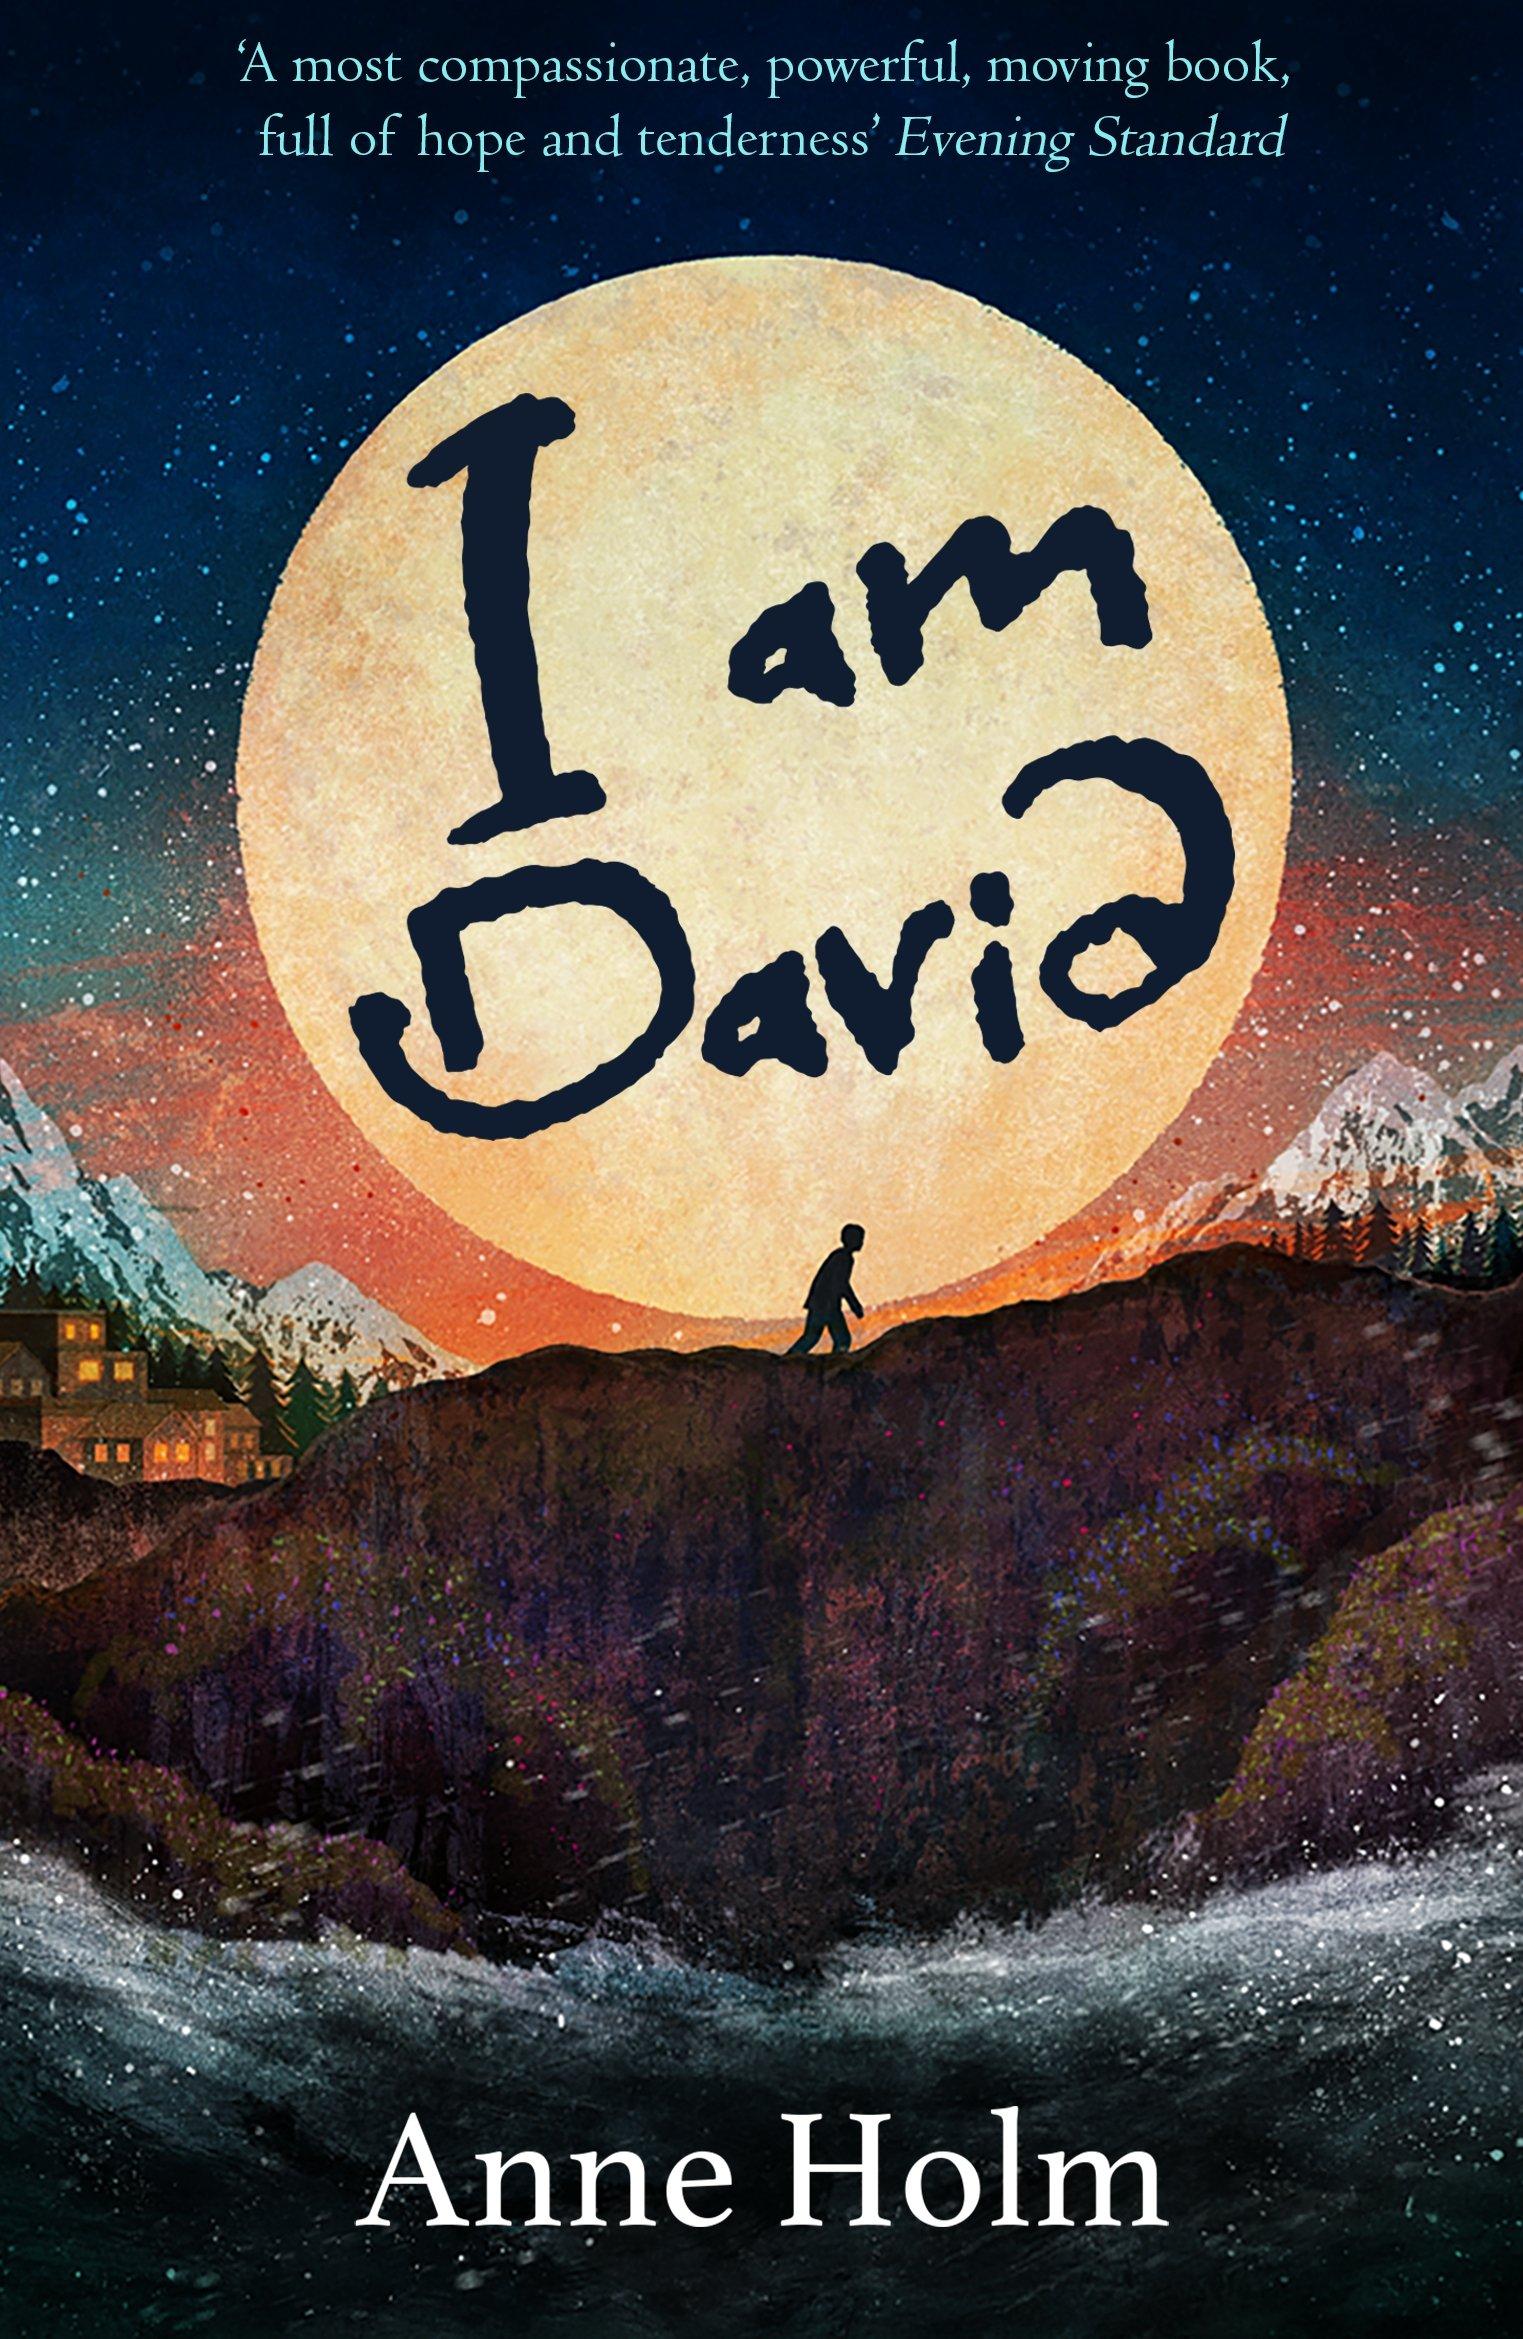 Modern Classic: I Am David (Egmont Modern Classics)